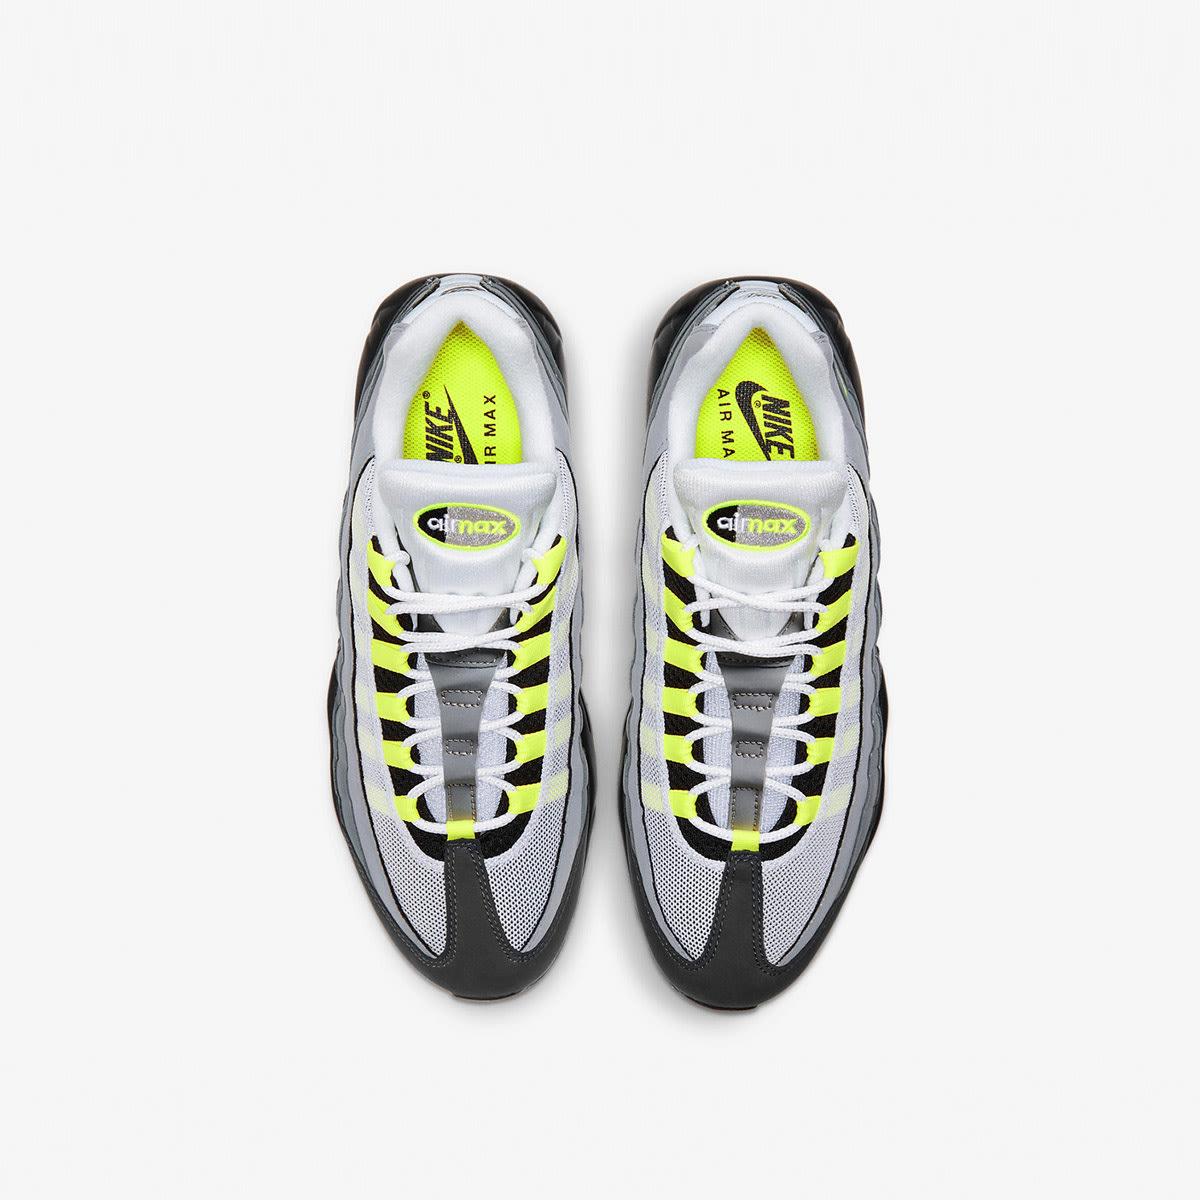 Nike Air Max 95 OG - CT1689-001